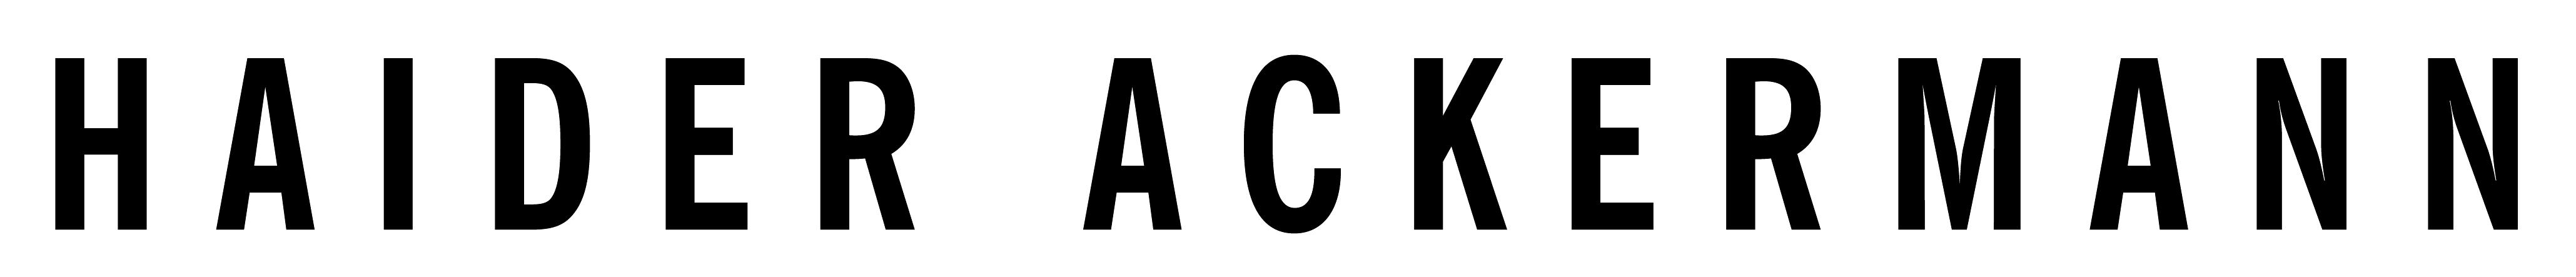 haider-ackermann-logo.jpg